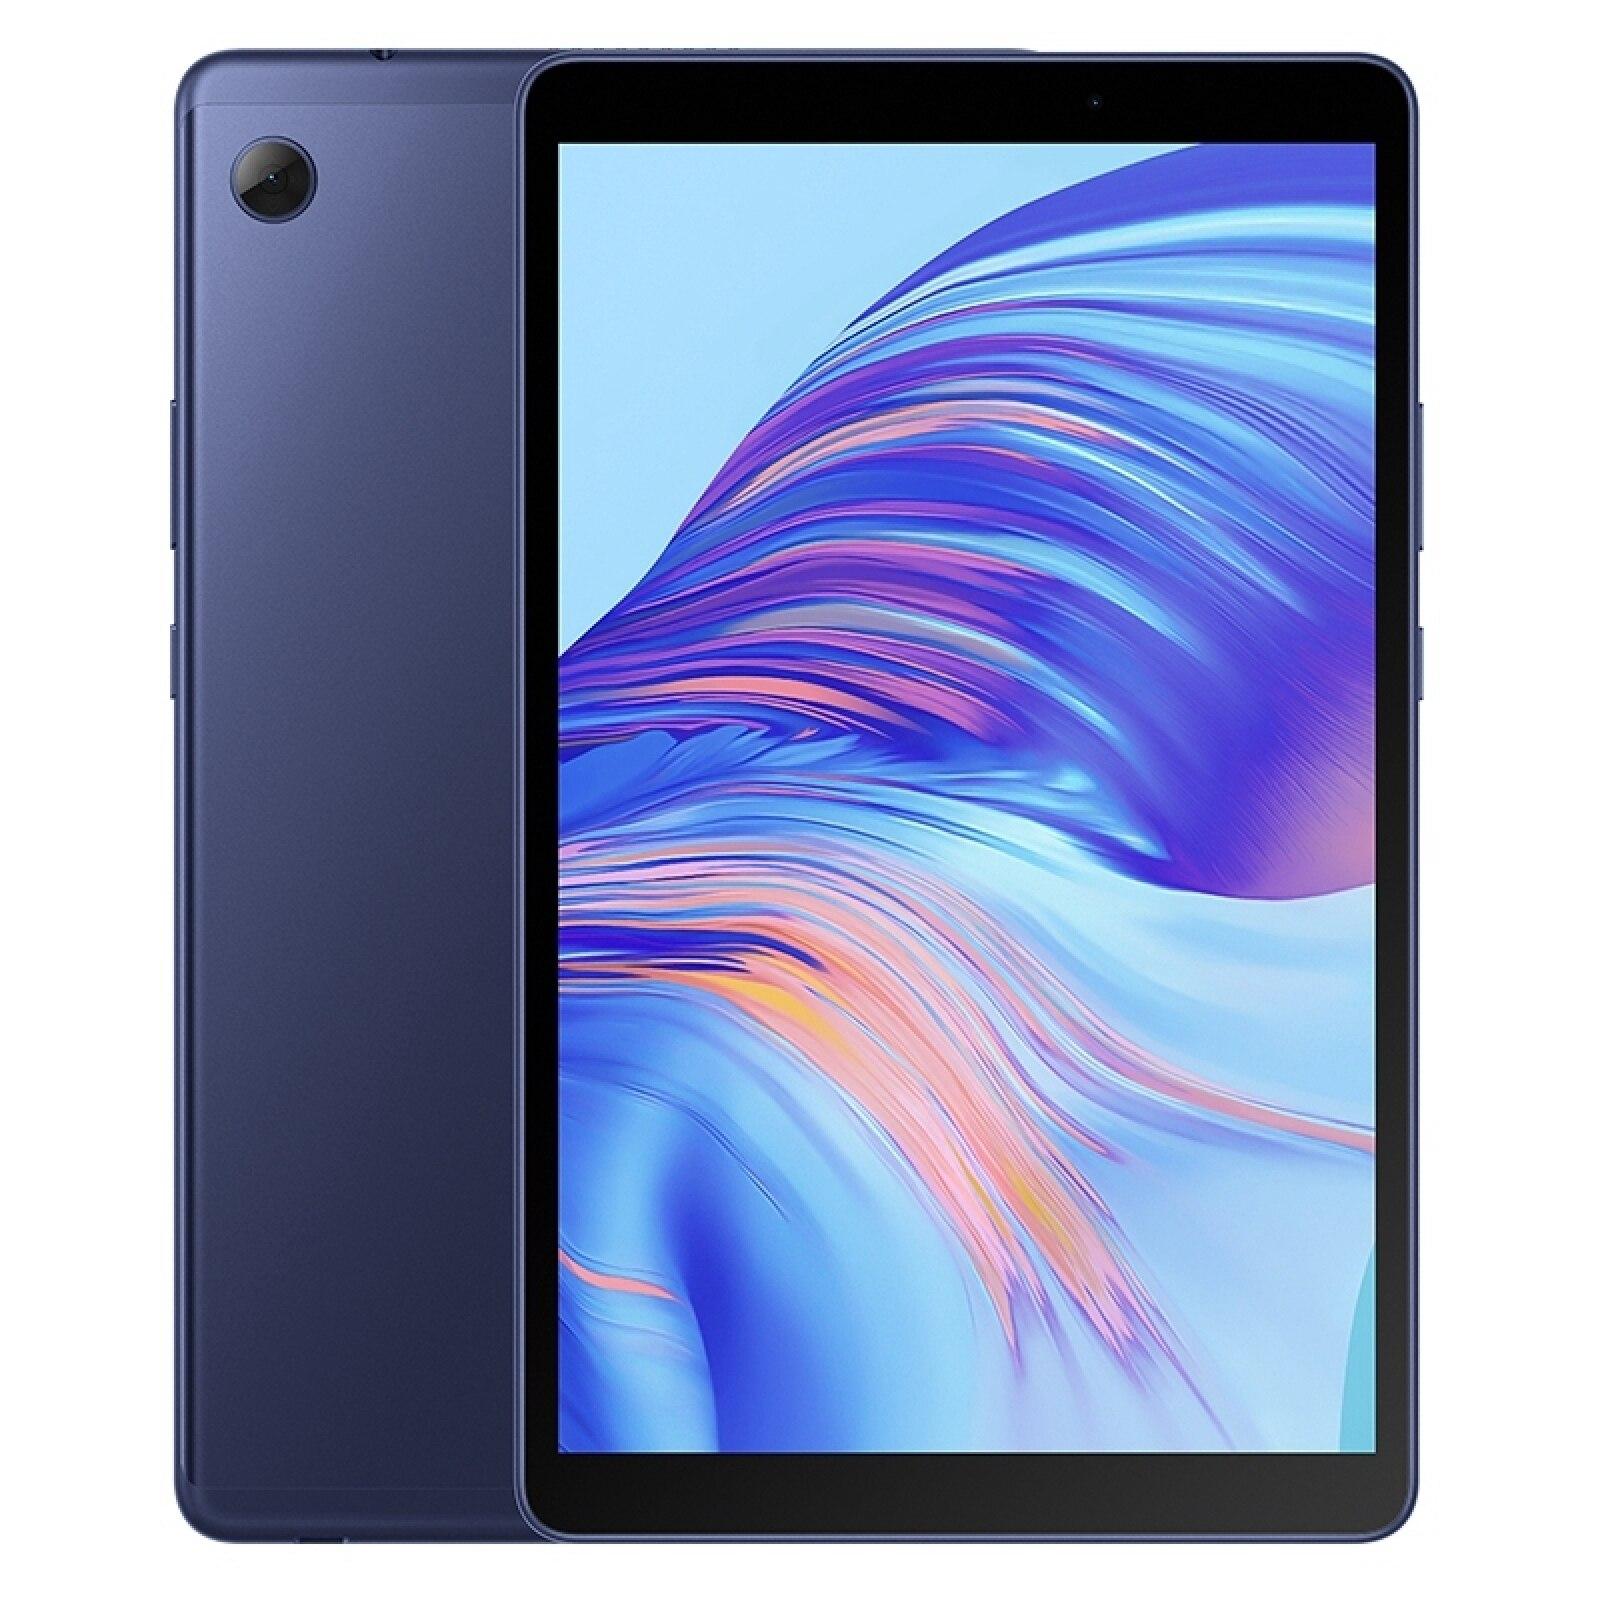 Original Huawei Honor Pad X7 KOB2-W09HN WiFi 8 inch 3GB RAM 32GB ROM Magic UI 4.0(Android 10) MediaTek MT8768 Octa Core Tablets